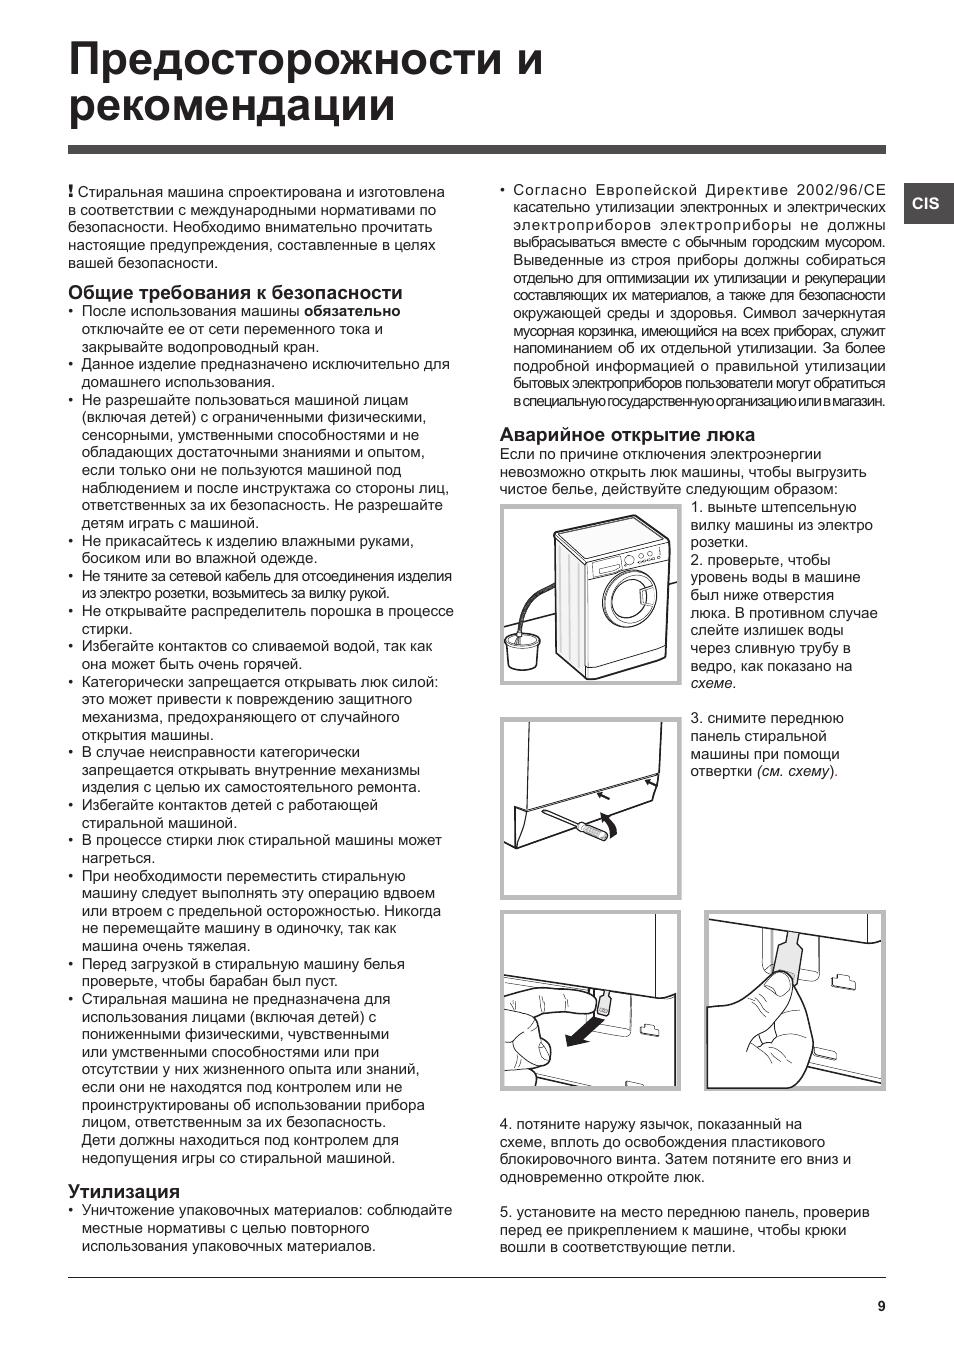 Инструкция К Стиральной Машине Евго 5010 Комфорт